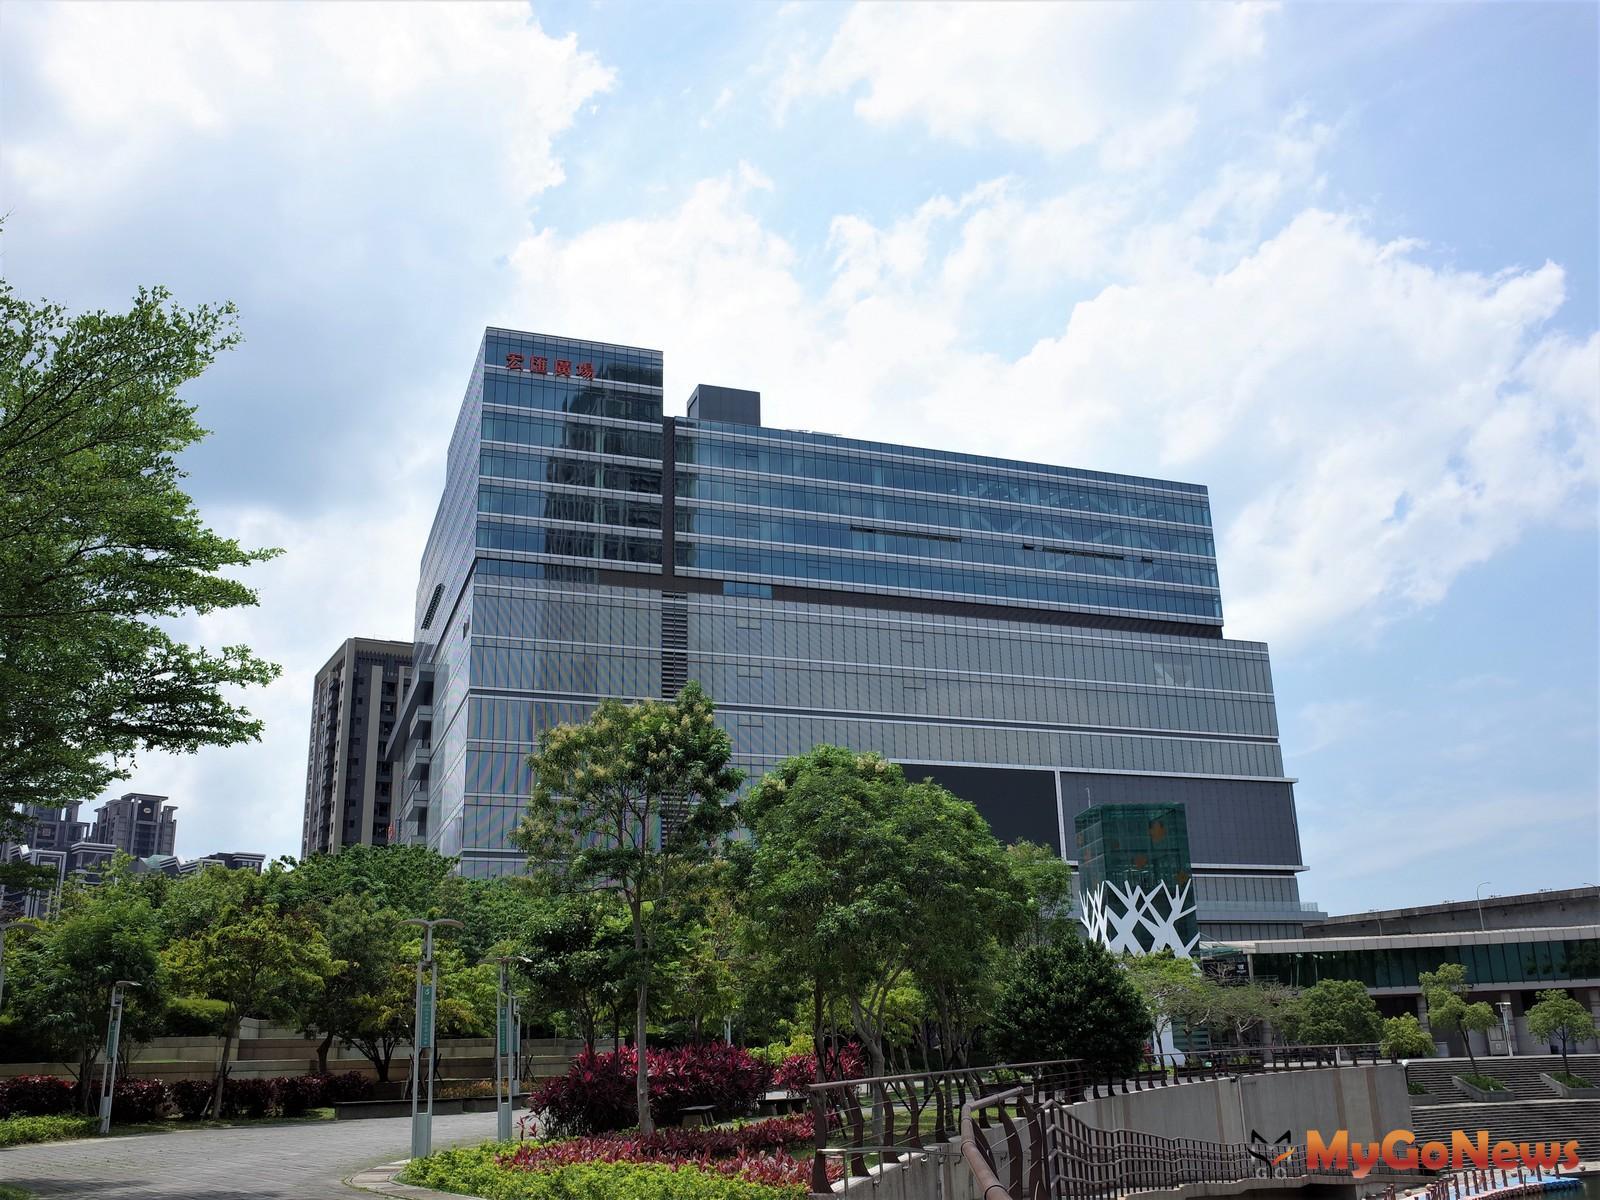 新莊副都心宏匯廣場預計7月開幕,將帶動副都心的房市發展 MyGoNews房地產新聞 熱銷推案